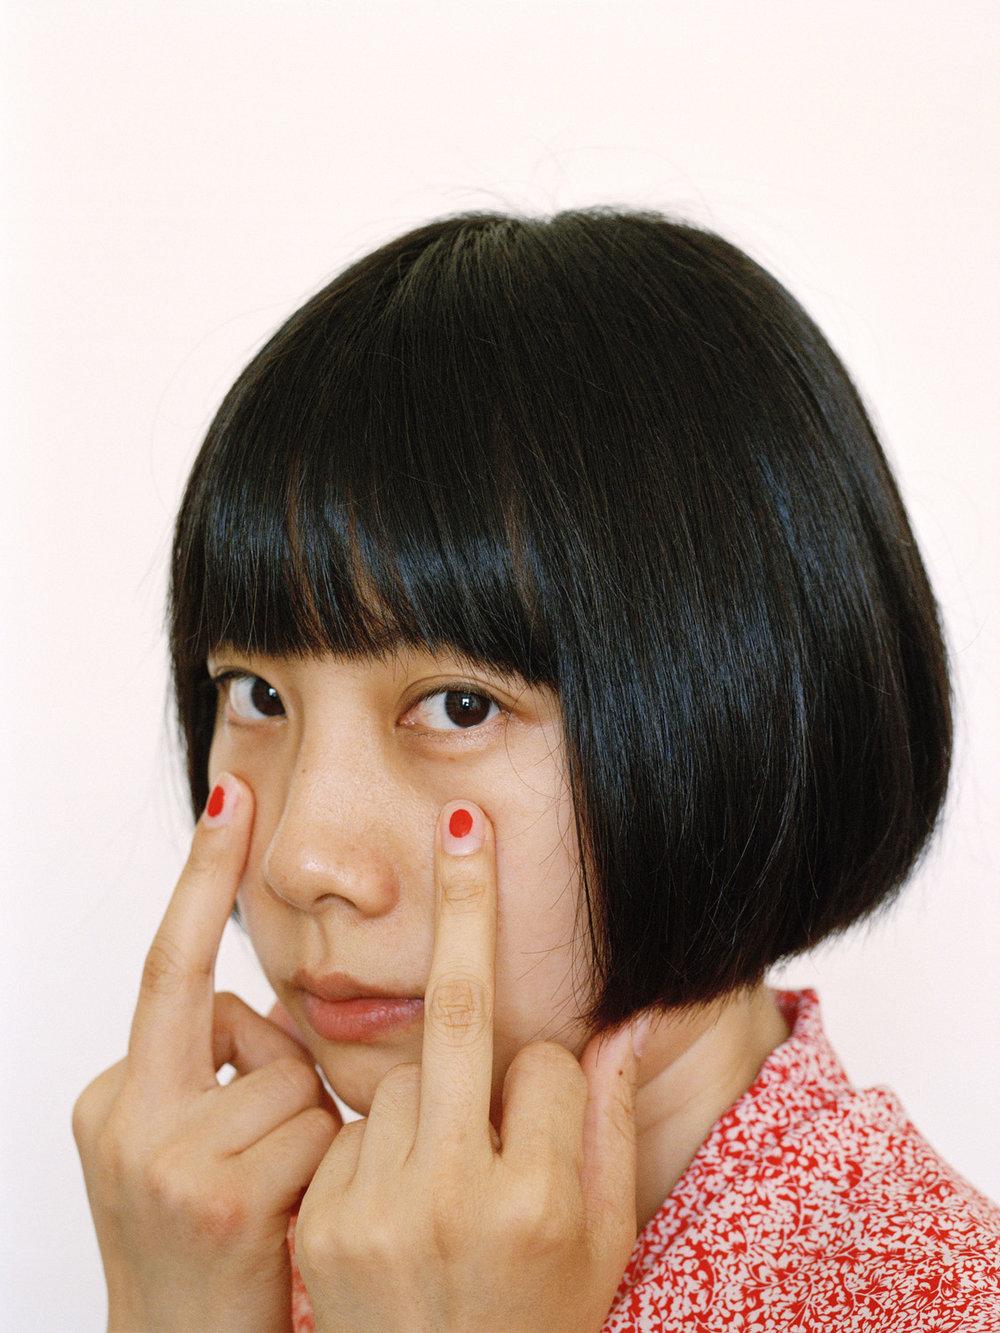 """""""我作品的灵感来自于我作为一个成长于中国的女孩,以及在当今世界作为一名女性的感悟"""" - 廖逸君, 艺术家, 获得了2018集美· 阿尔勒 - Madame Figaro女性摄影师奖"""